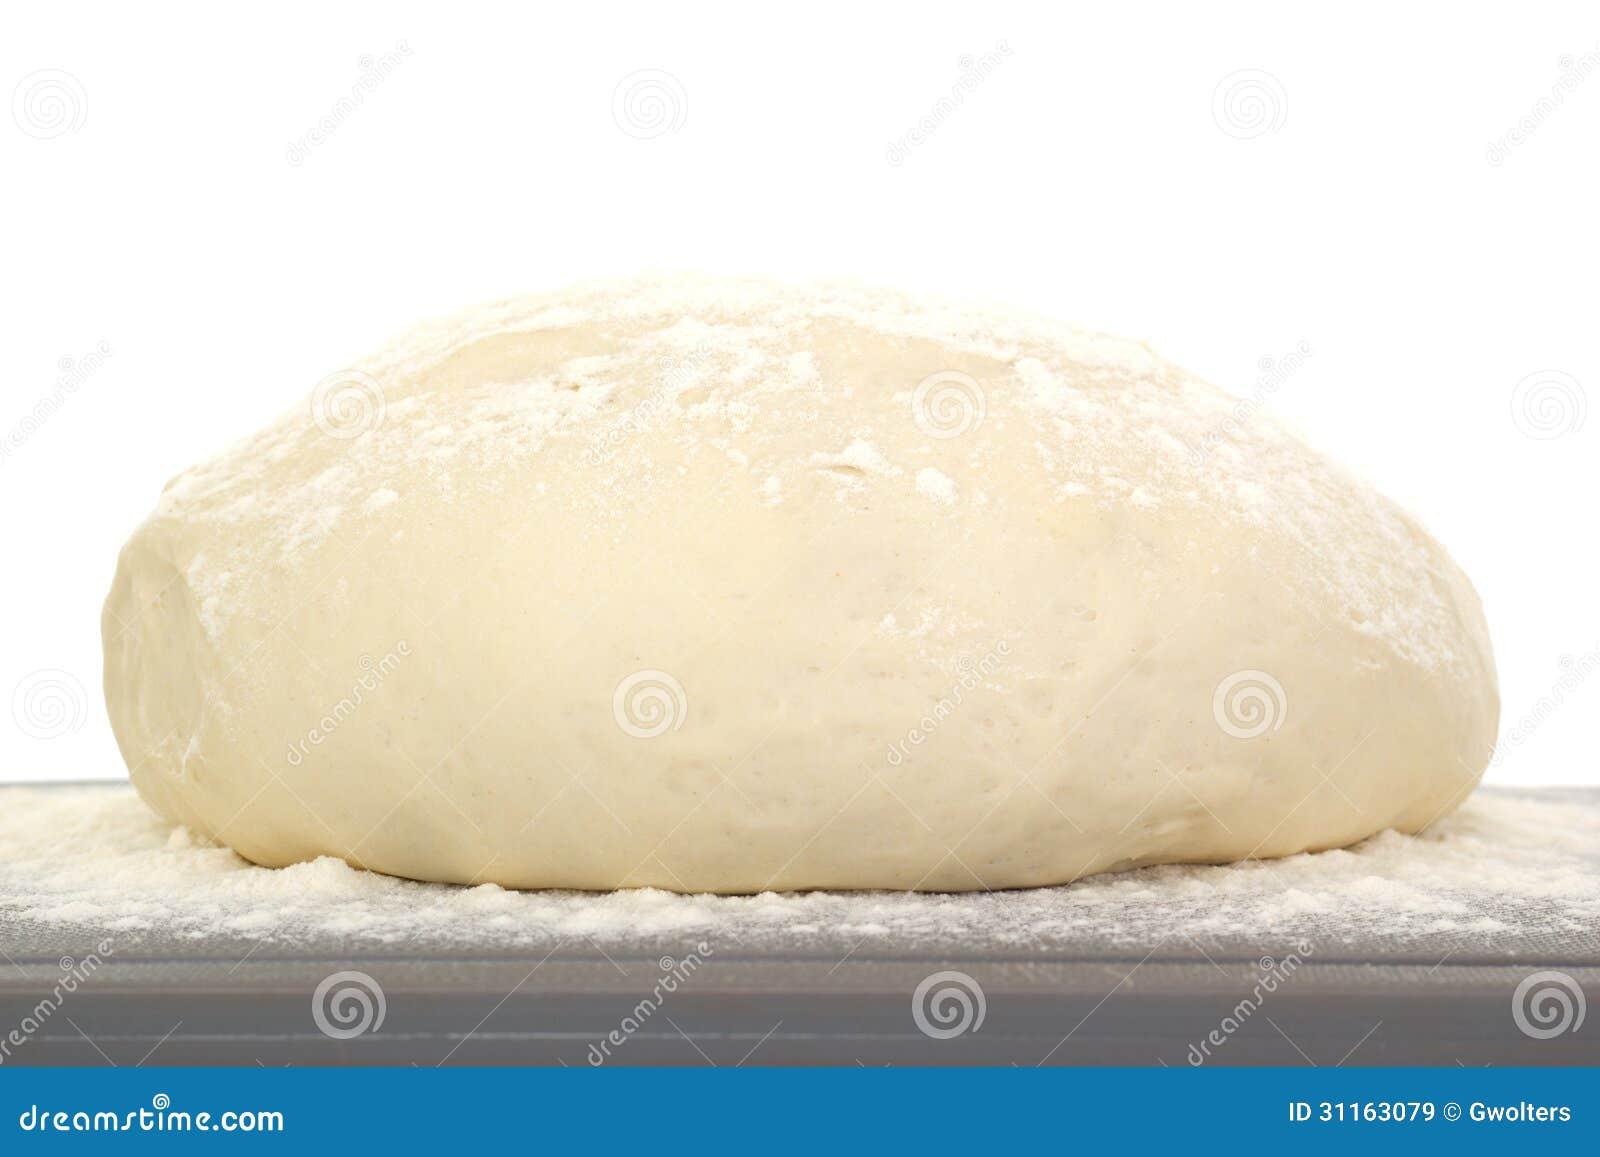 Pasta de pan de levantamiento: 1 de 4